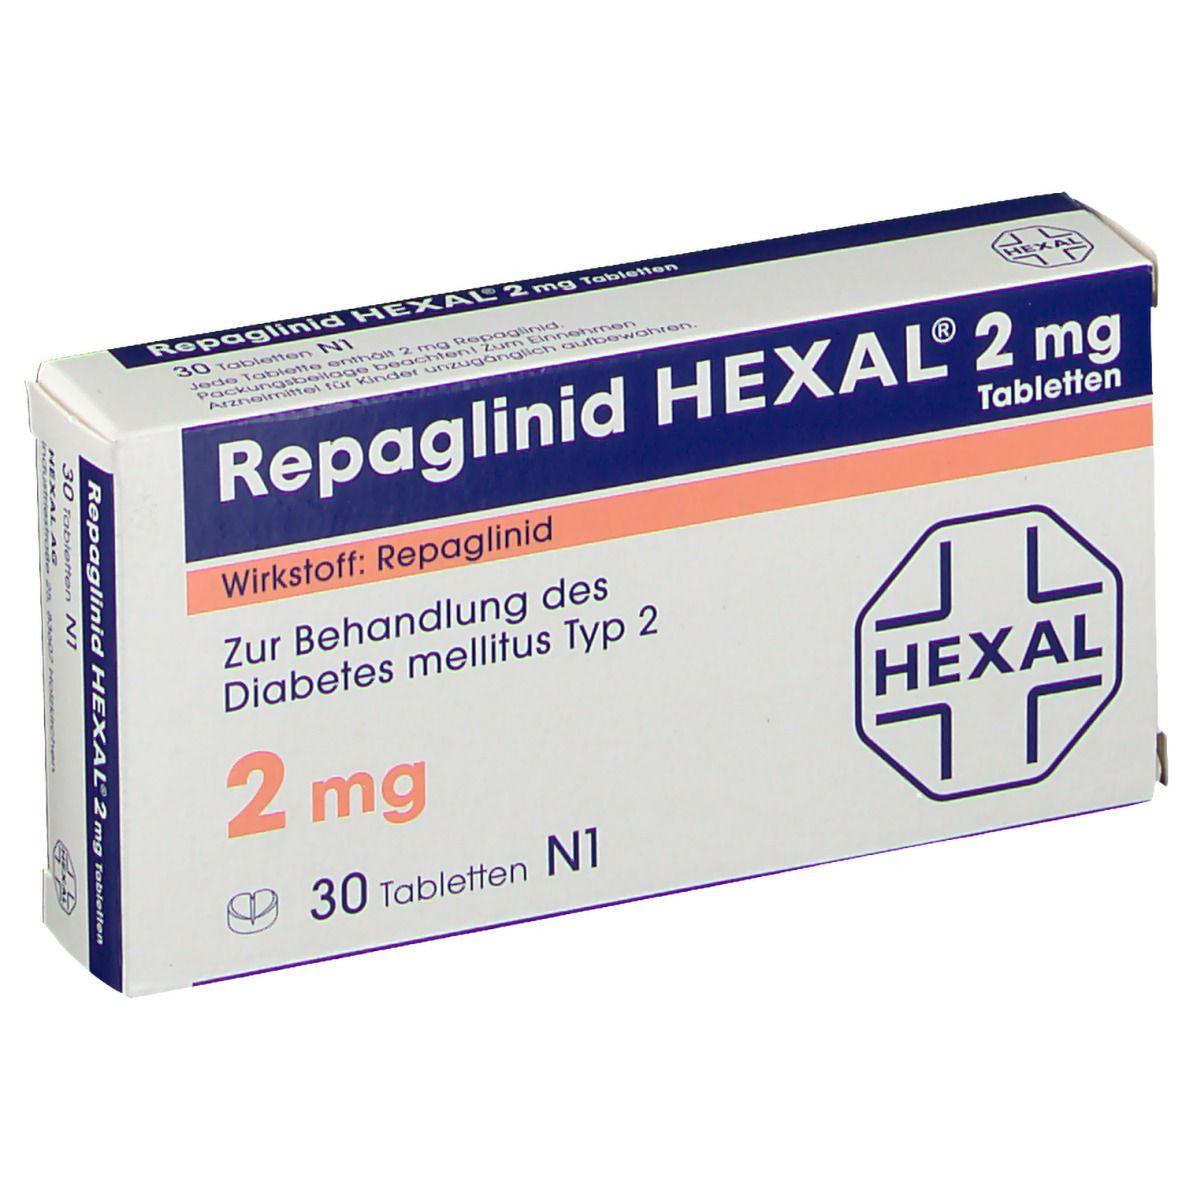 REPAGLINID HEXAL 2 mg Tabletten